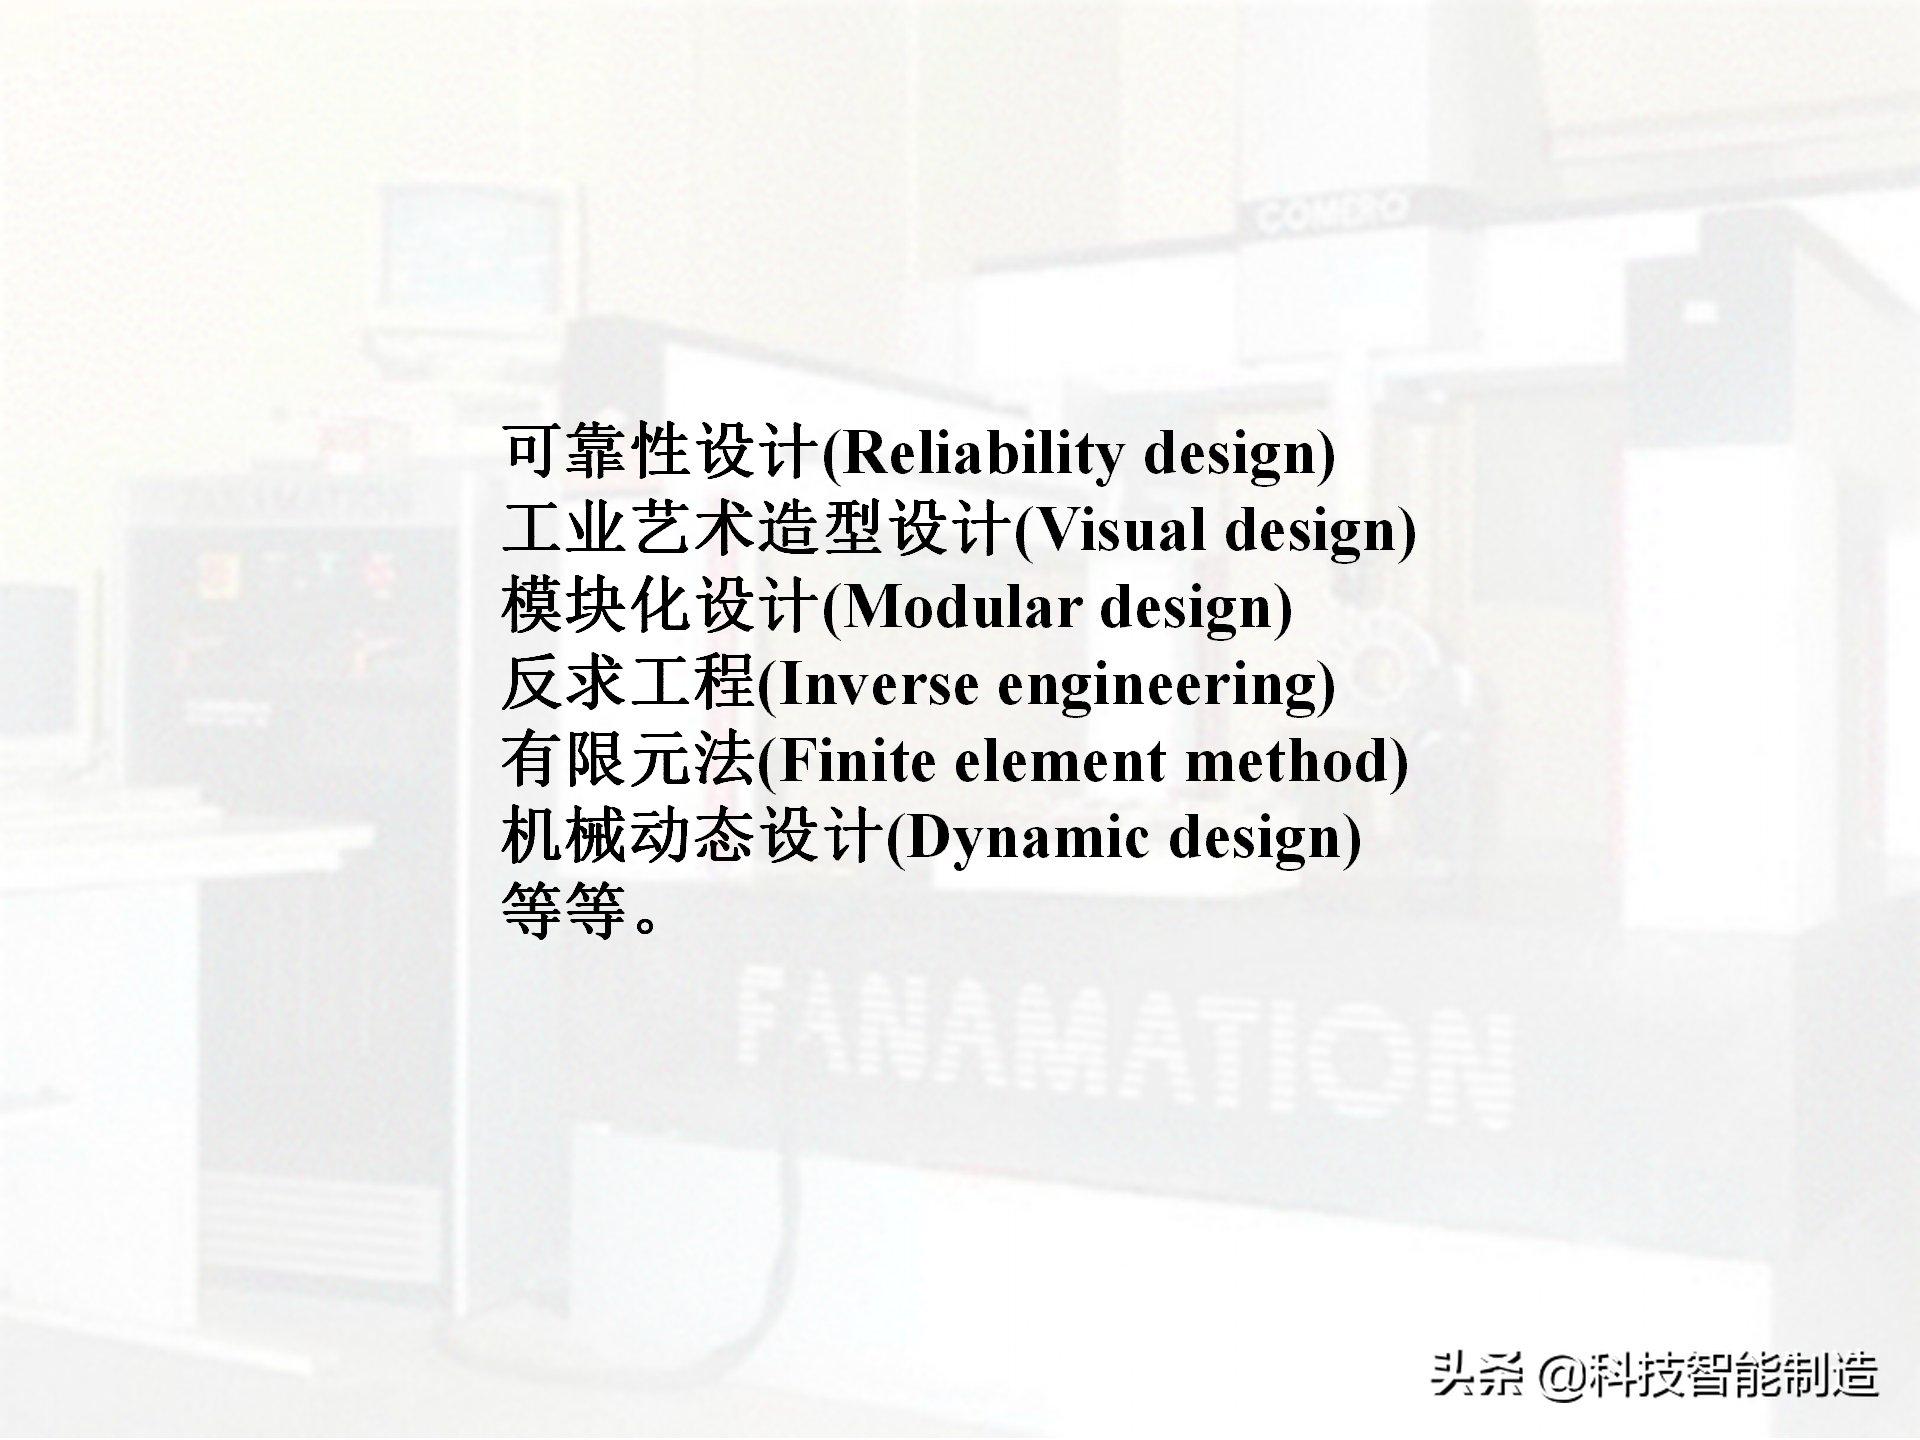 机械设计 机械设计的基本准则及一般步骤,机械零件的主要失效形式